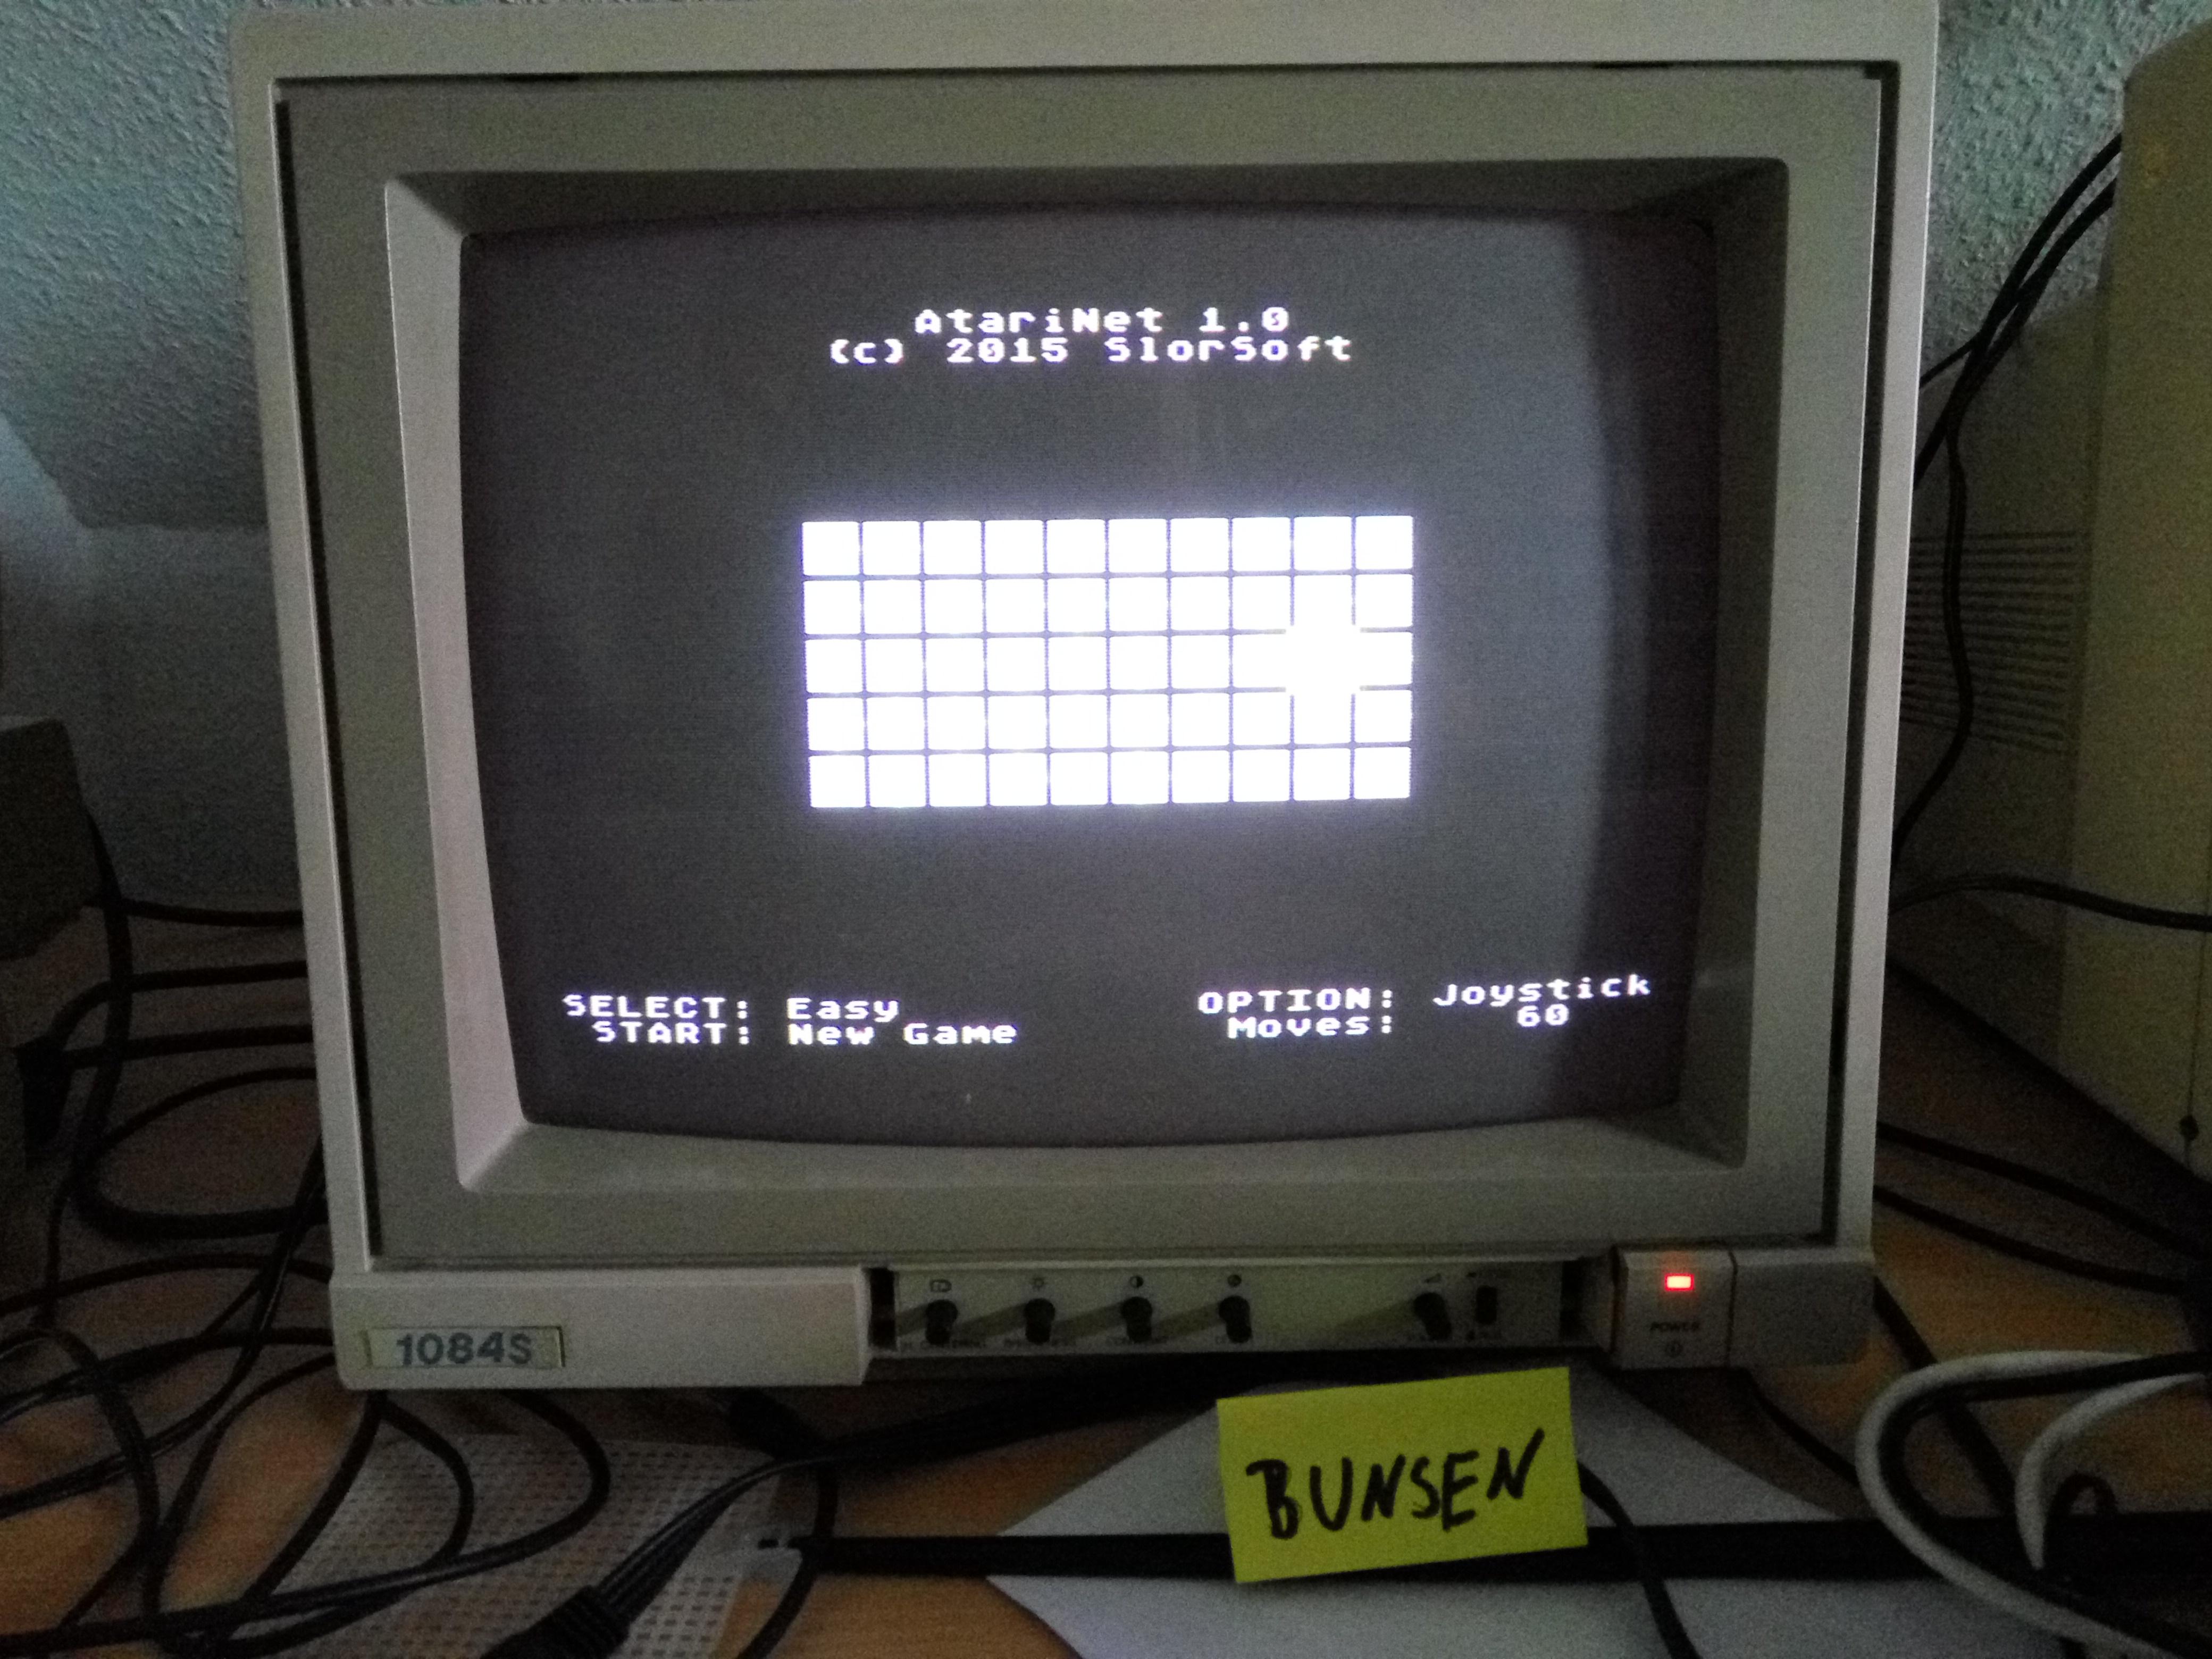 Bunsen: AtariNet 1.0 [Easy] (Atari 400/800/XL/XE) 60 points on 2016-10-06 14:36:37